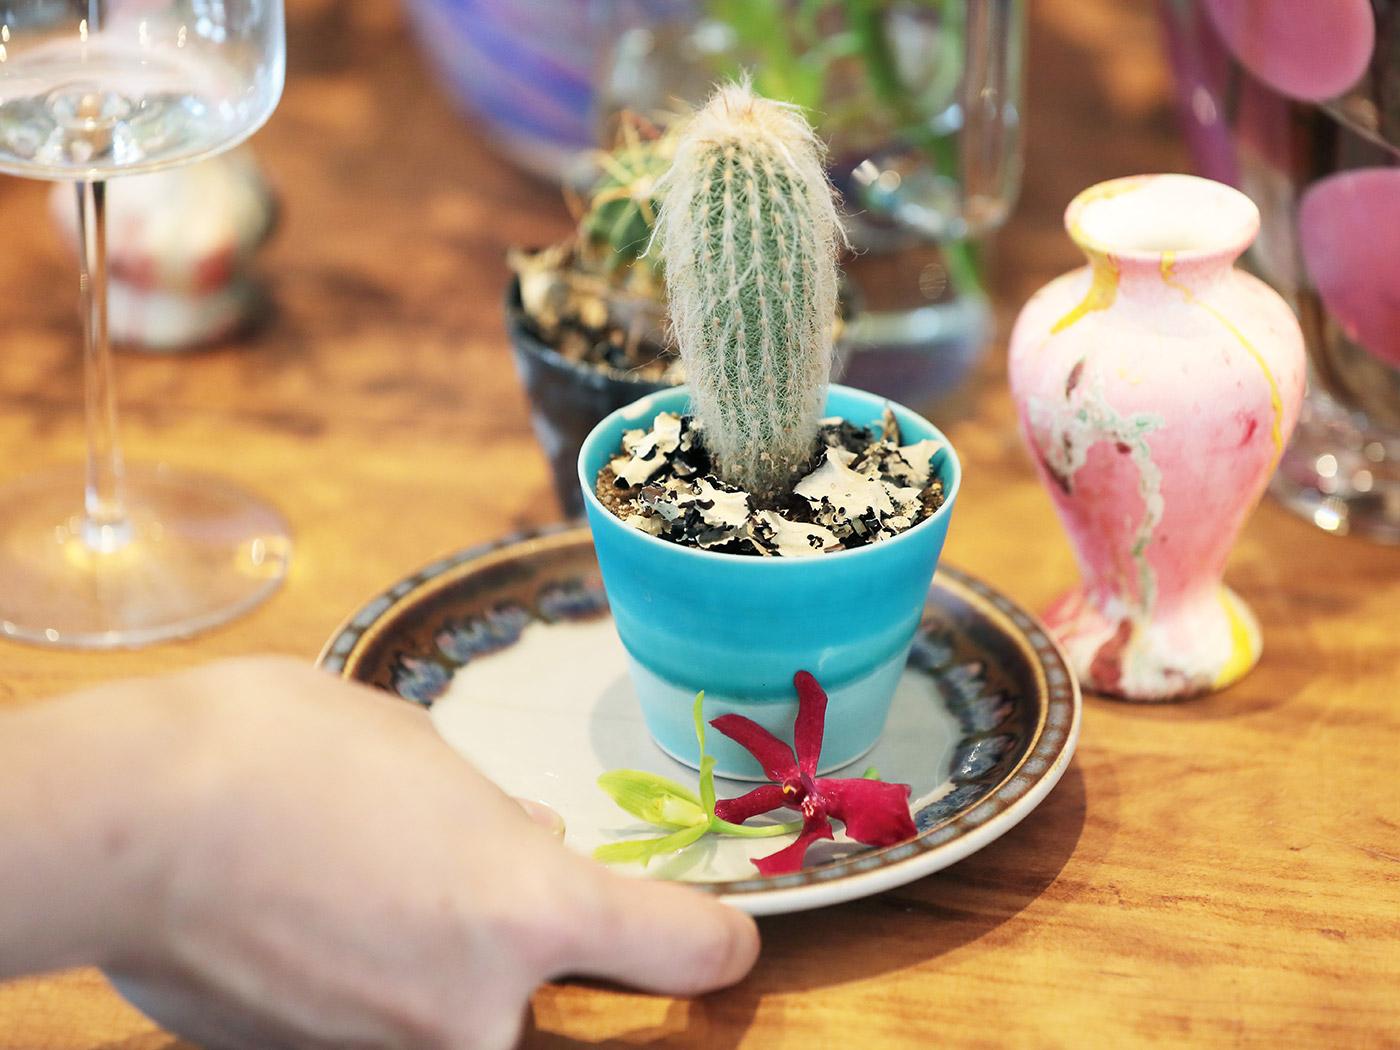 そば猪口は小さ目の植物の鉢植えにもぴったりな大きさ。